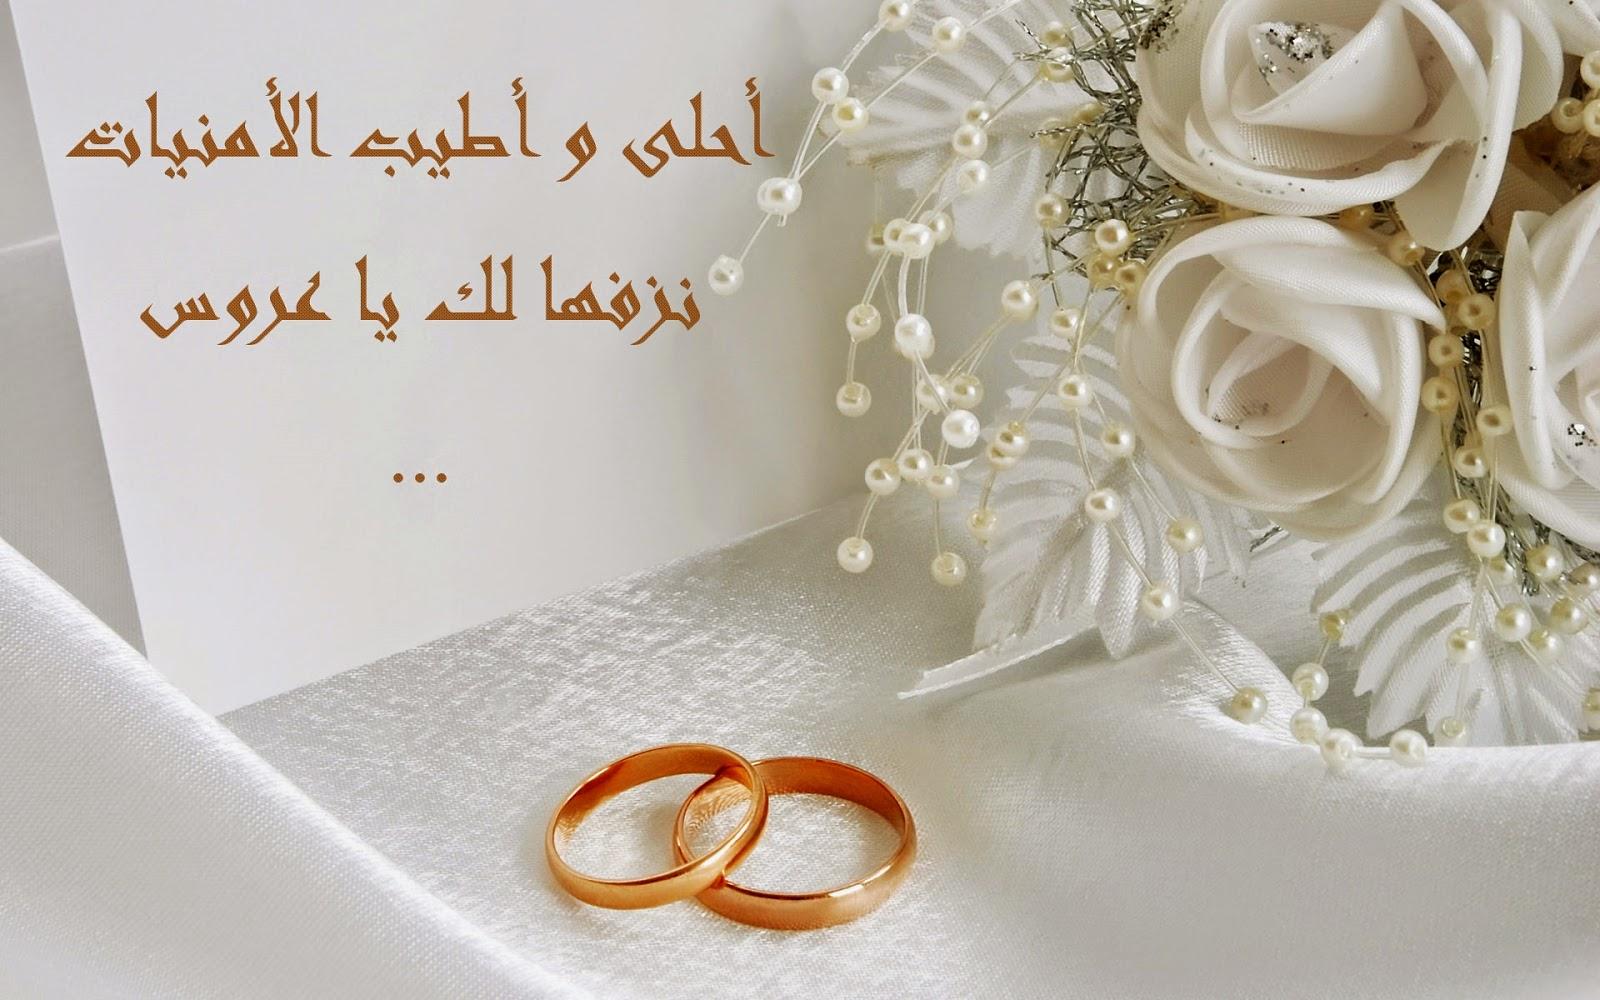 بالصور عبارات تهاني الافراح للعروسين 20160711 898